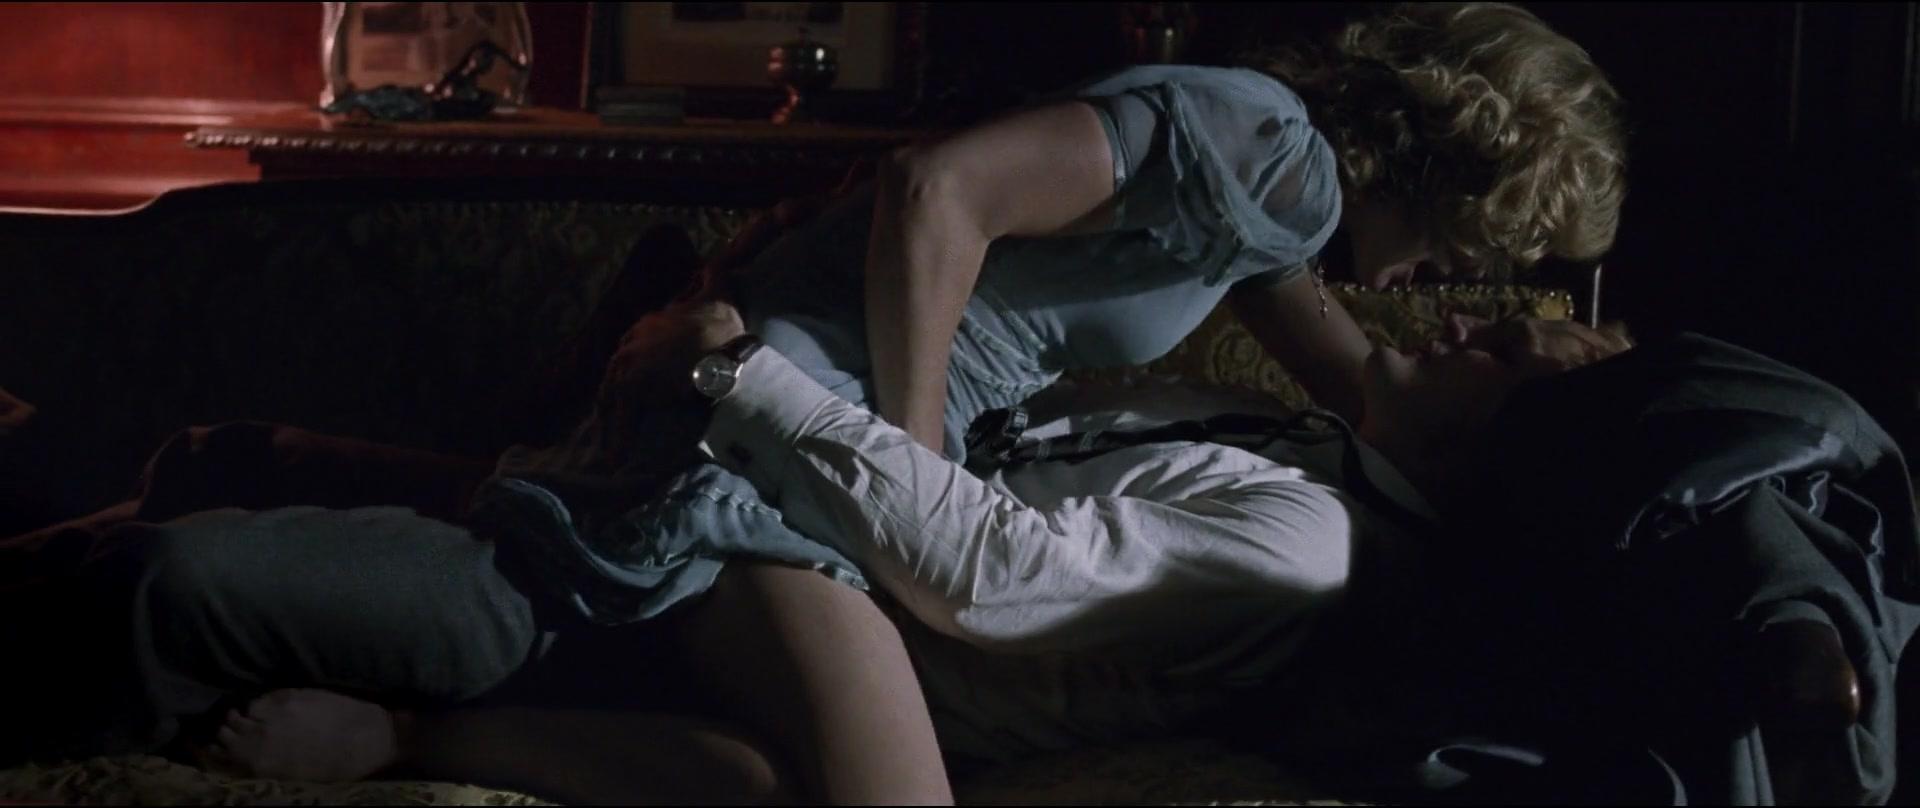 Mia wasikowska nude porn